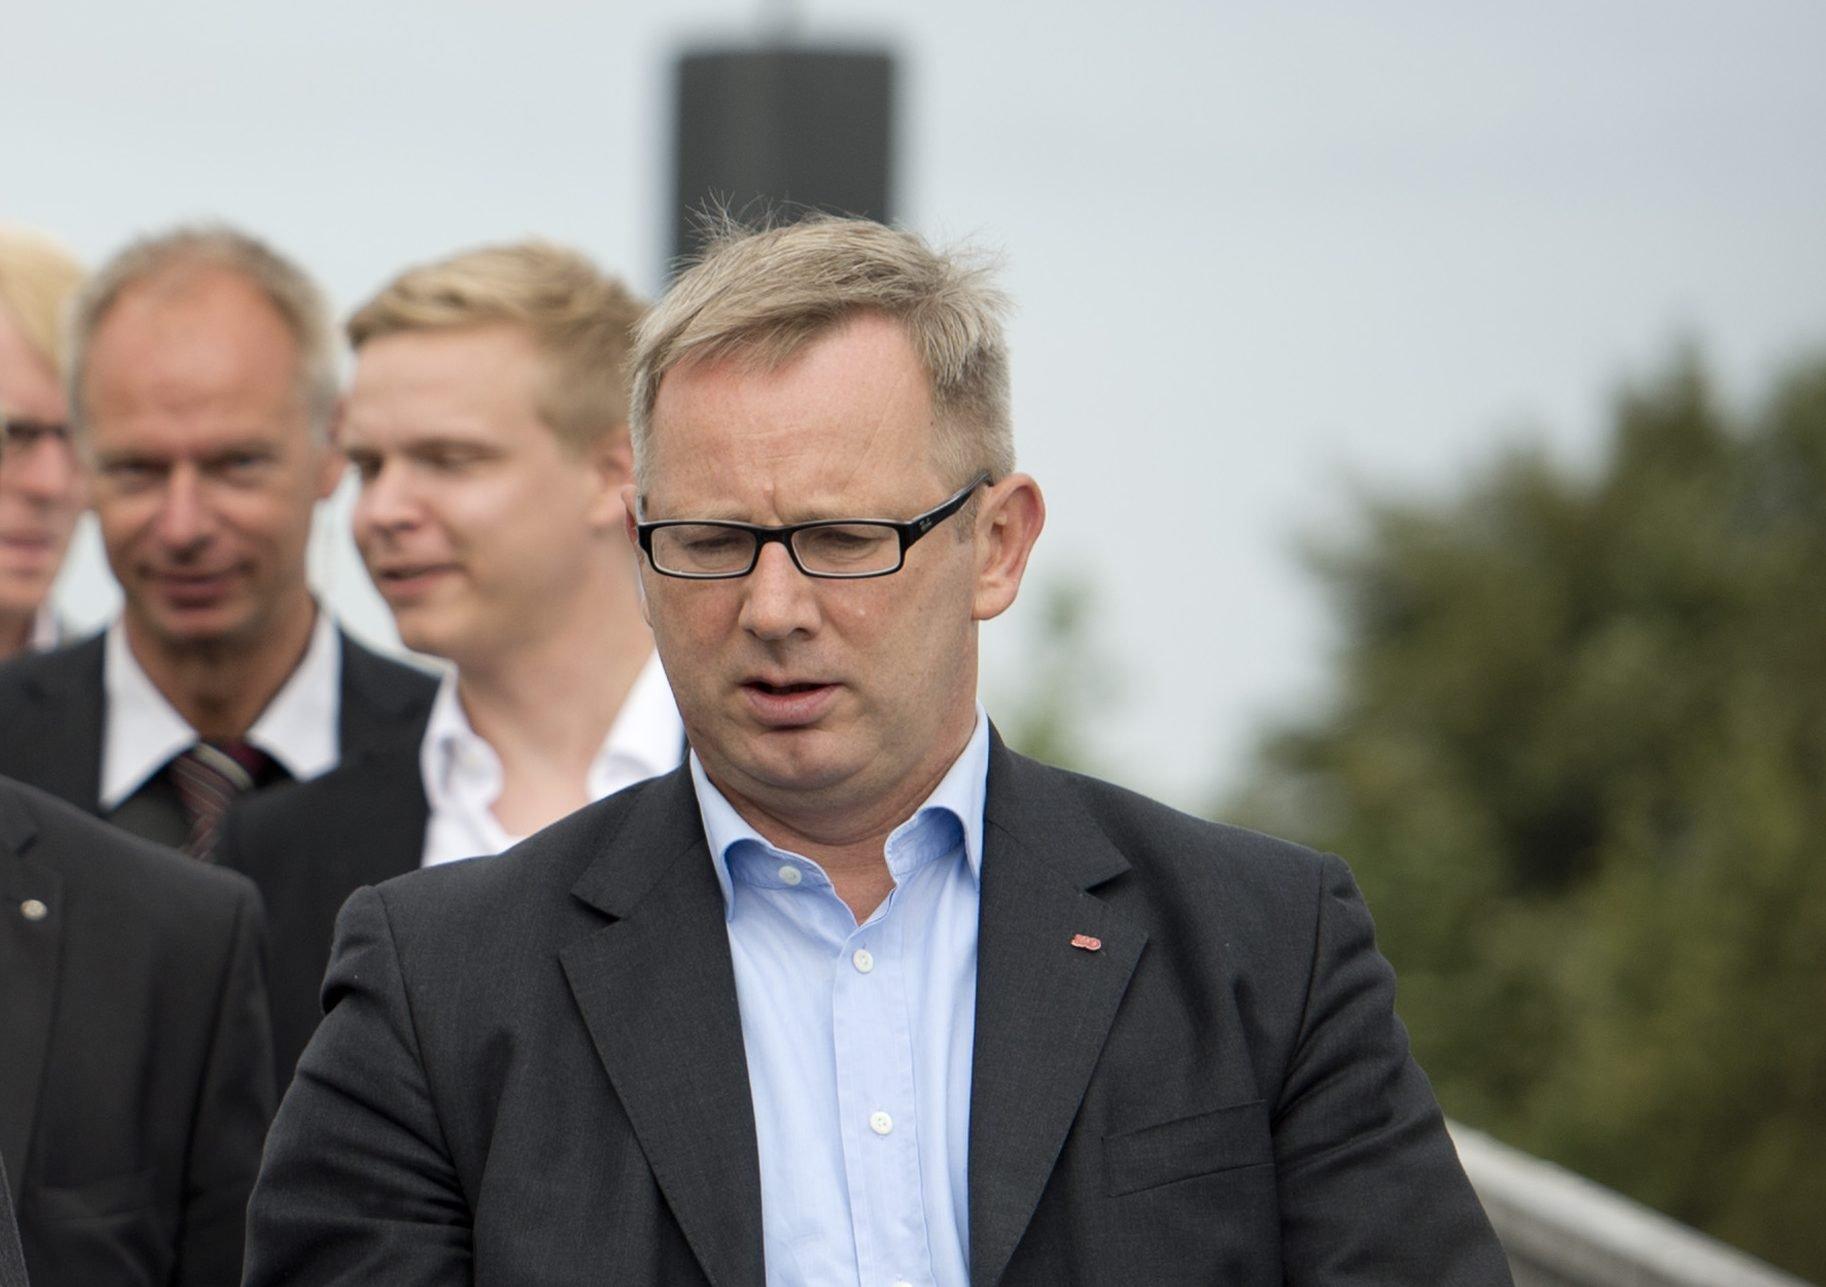 Durchsuchungen bei früherem SPD-Politiker Kahrs in Hamburg